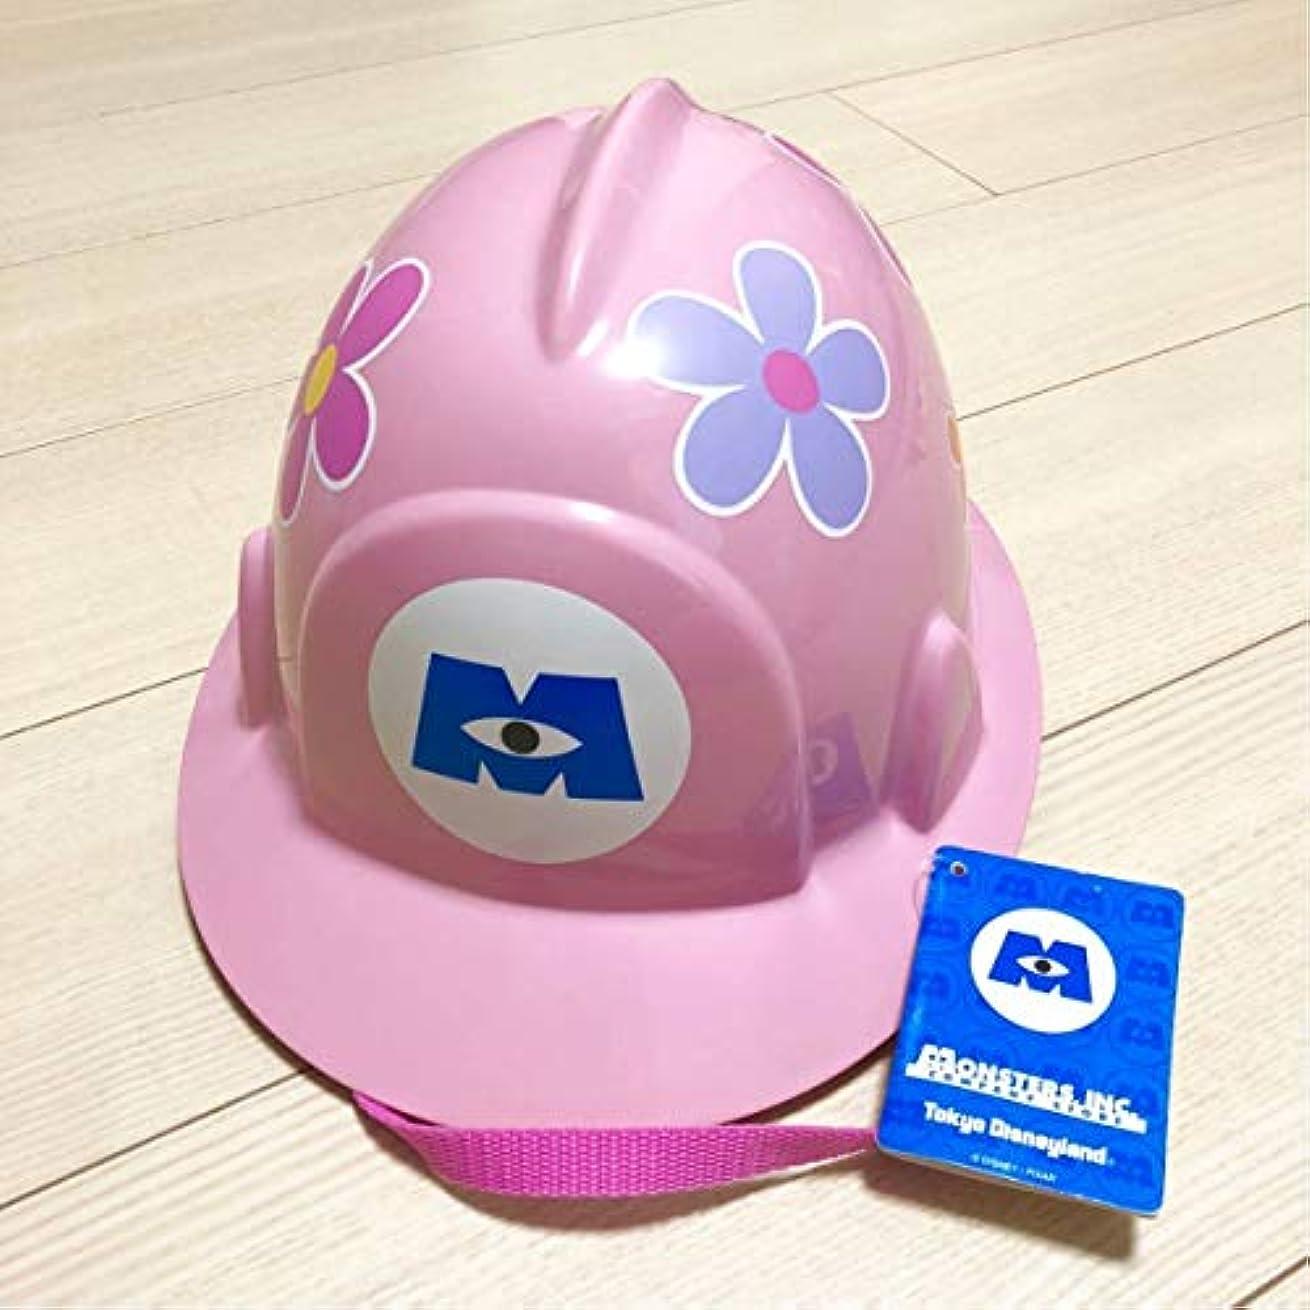 規模呼びかける肺廃盤 モンスターズインク 正規 TDL限定 ヘルメット ピンク ブー タグ付き モンスターズユニバーシティ マイク サリー